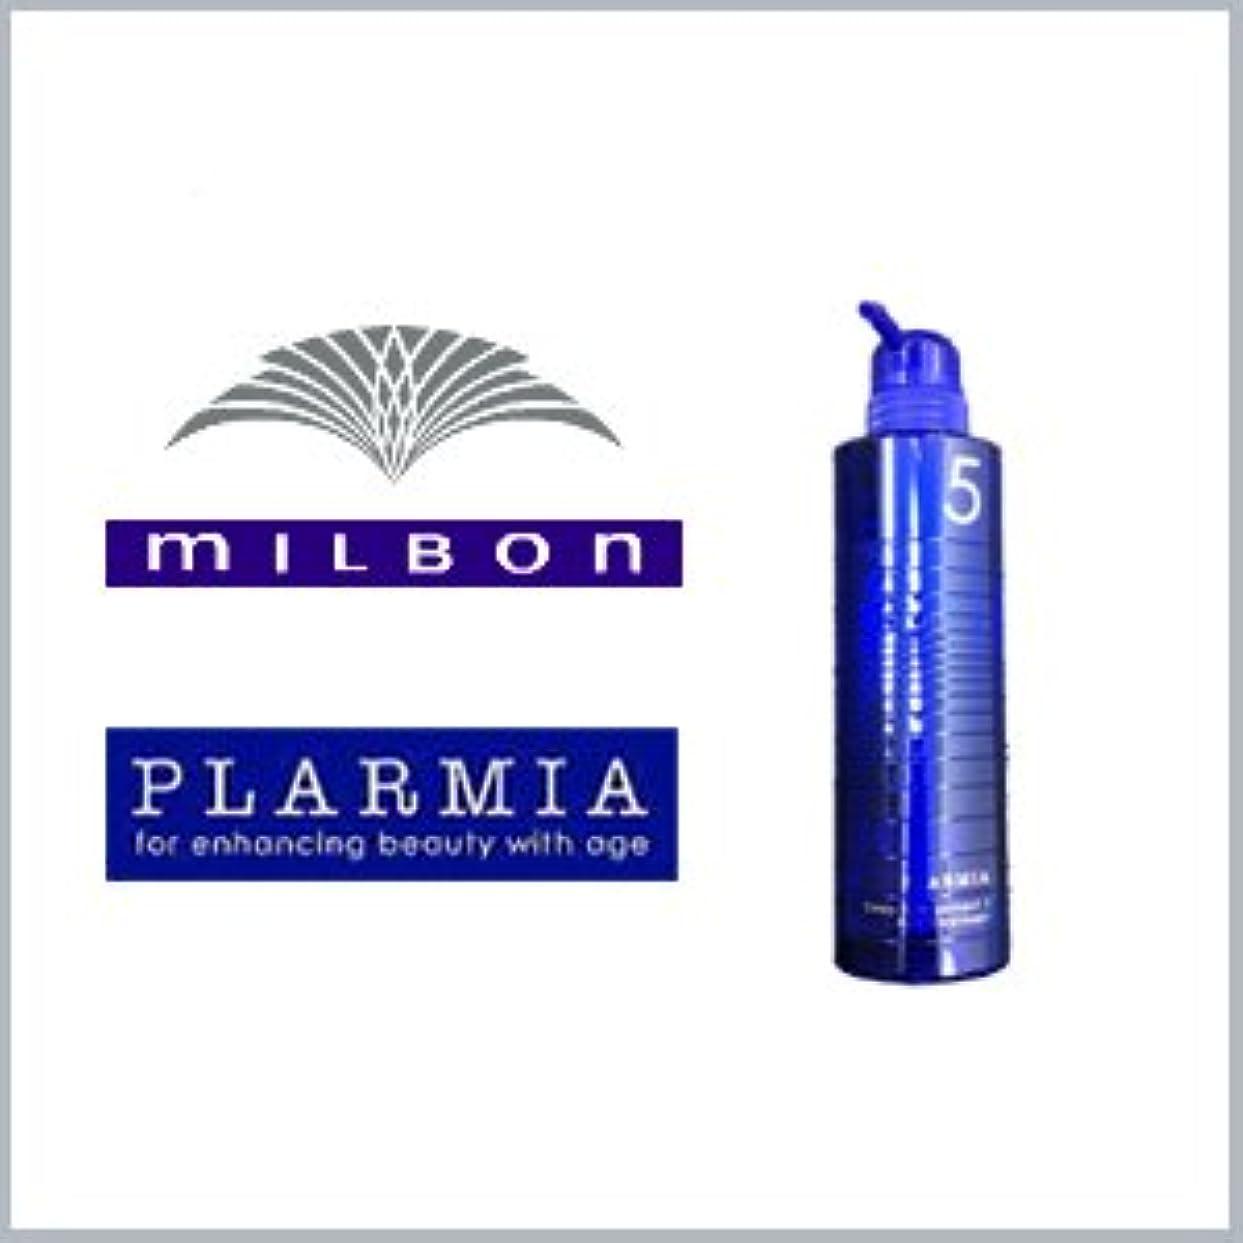 サポート受け入れナイロンミルボン プラーミア ディープエナジメント5 空容器 500g